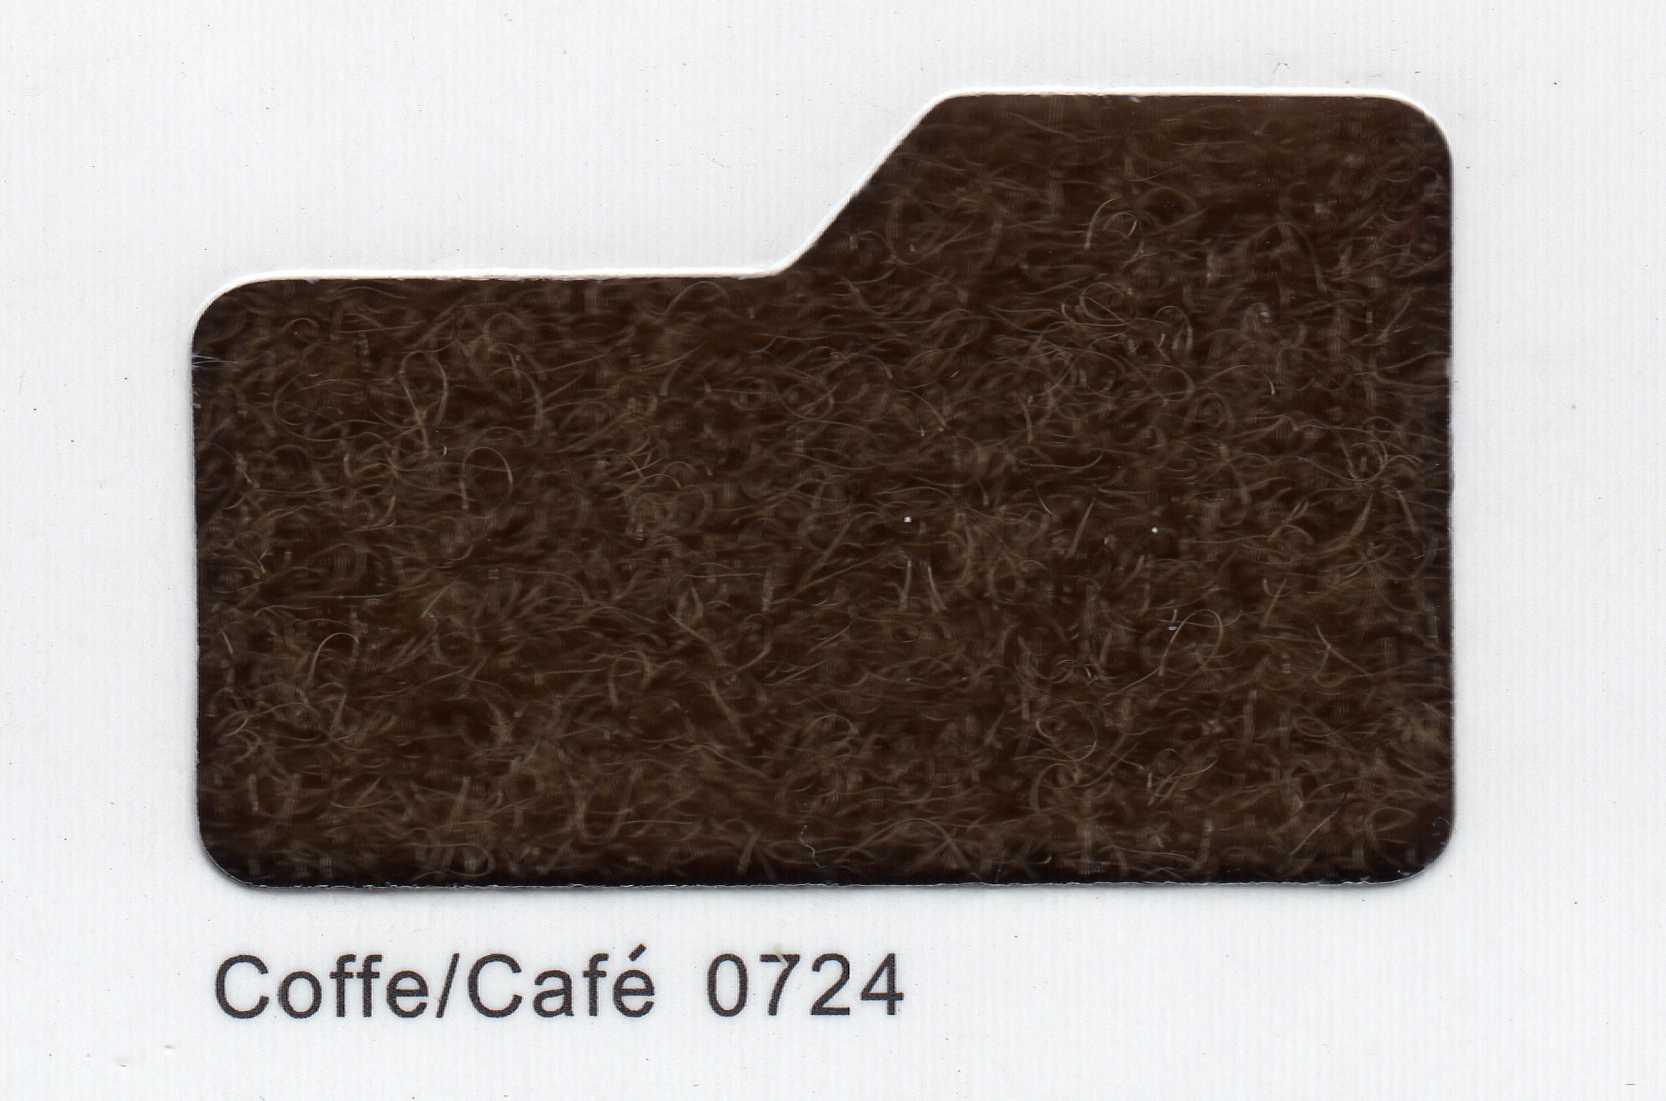 Cinta de cierre Velcro-Veraco 20mm Café 0724 (Rizo).